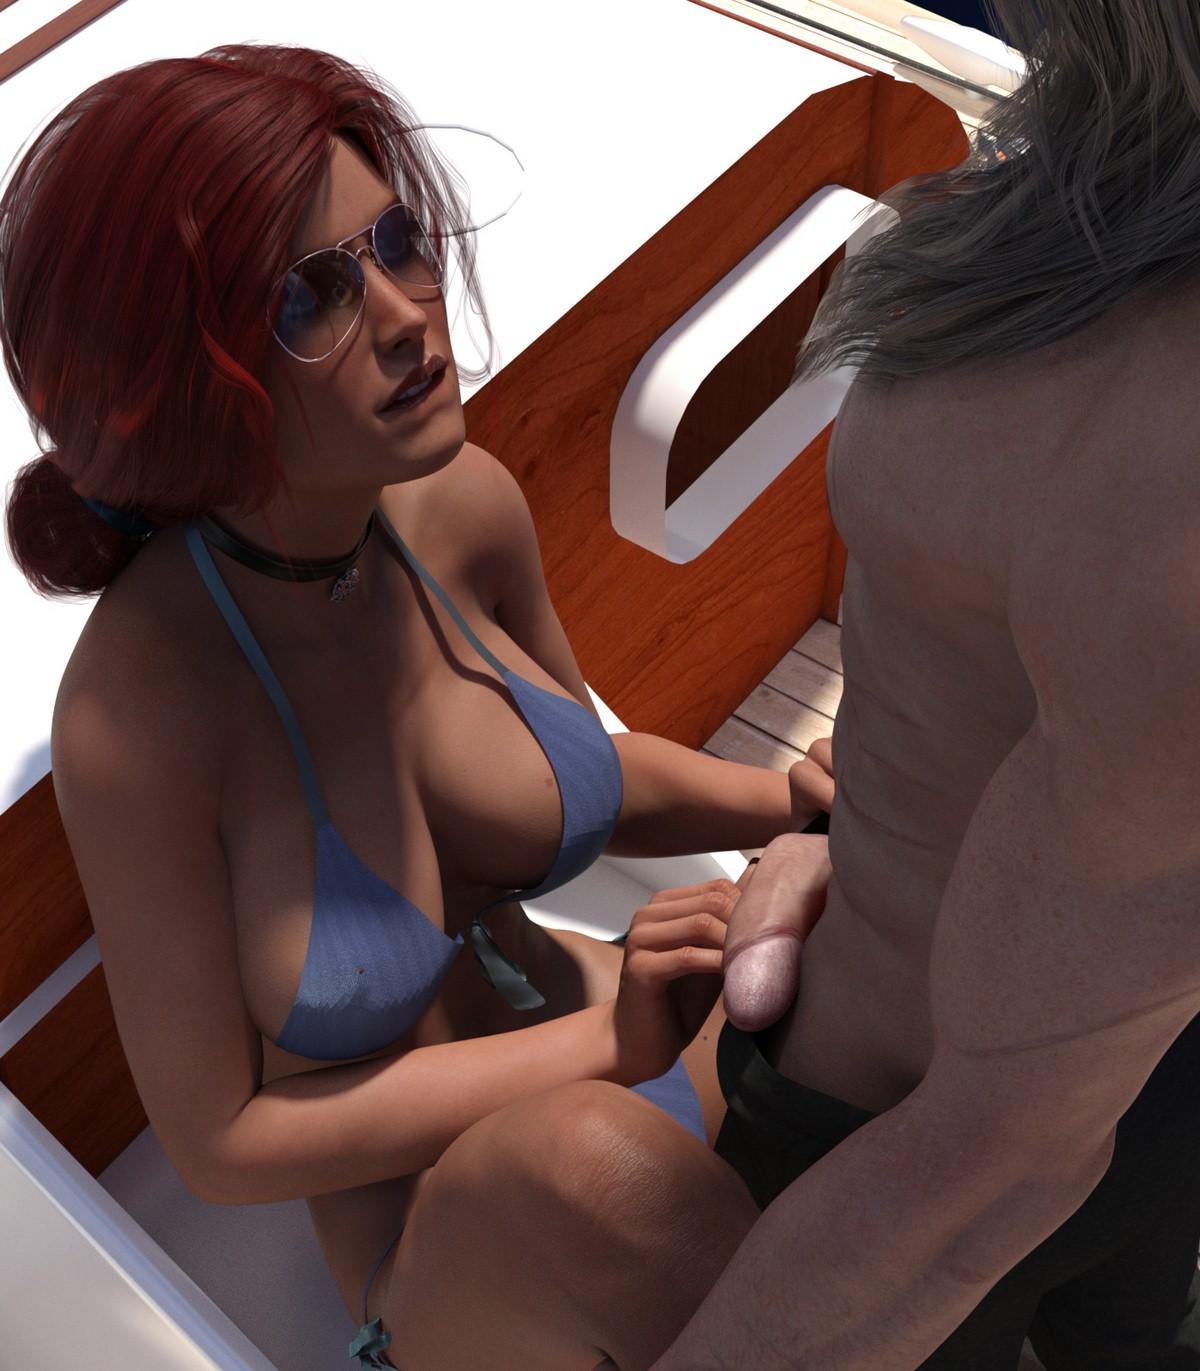 3D Porn No Glasses 3d : eclesi4stik- triss's summer porn comic - hd porn comics